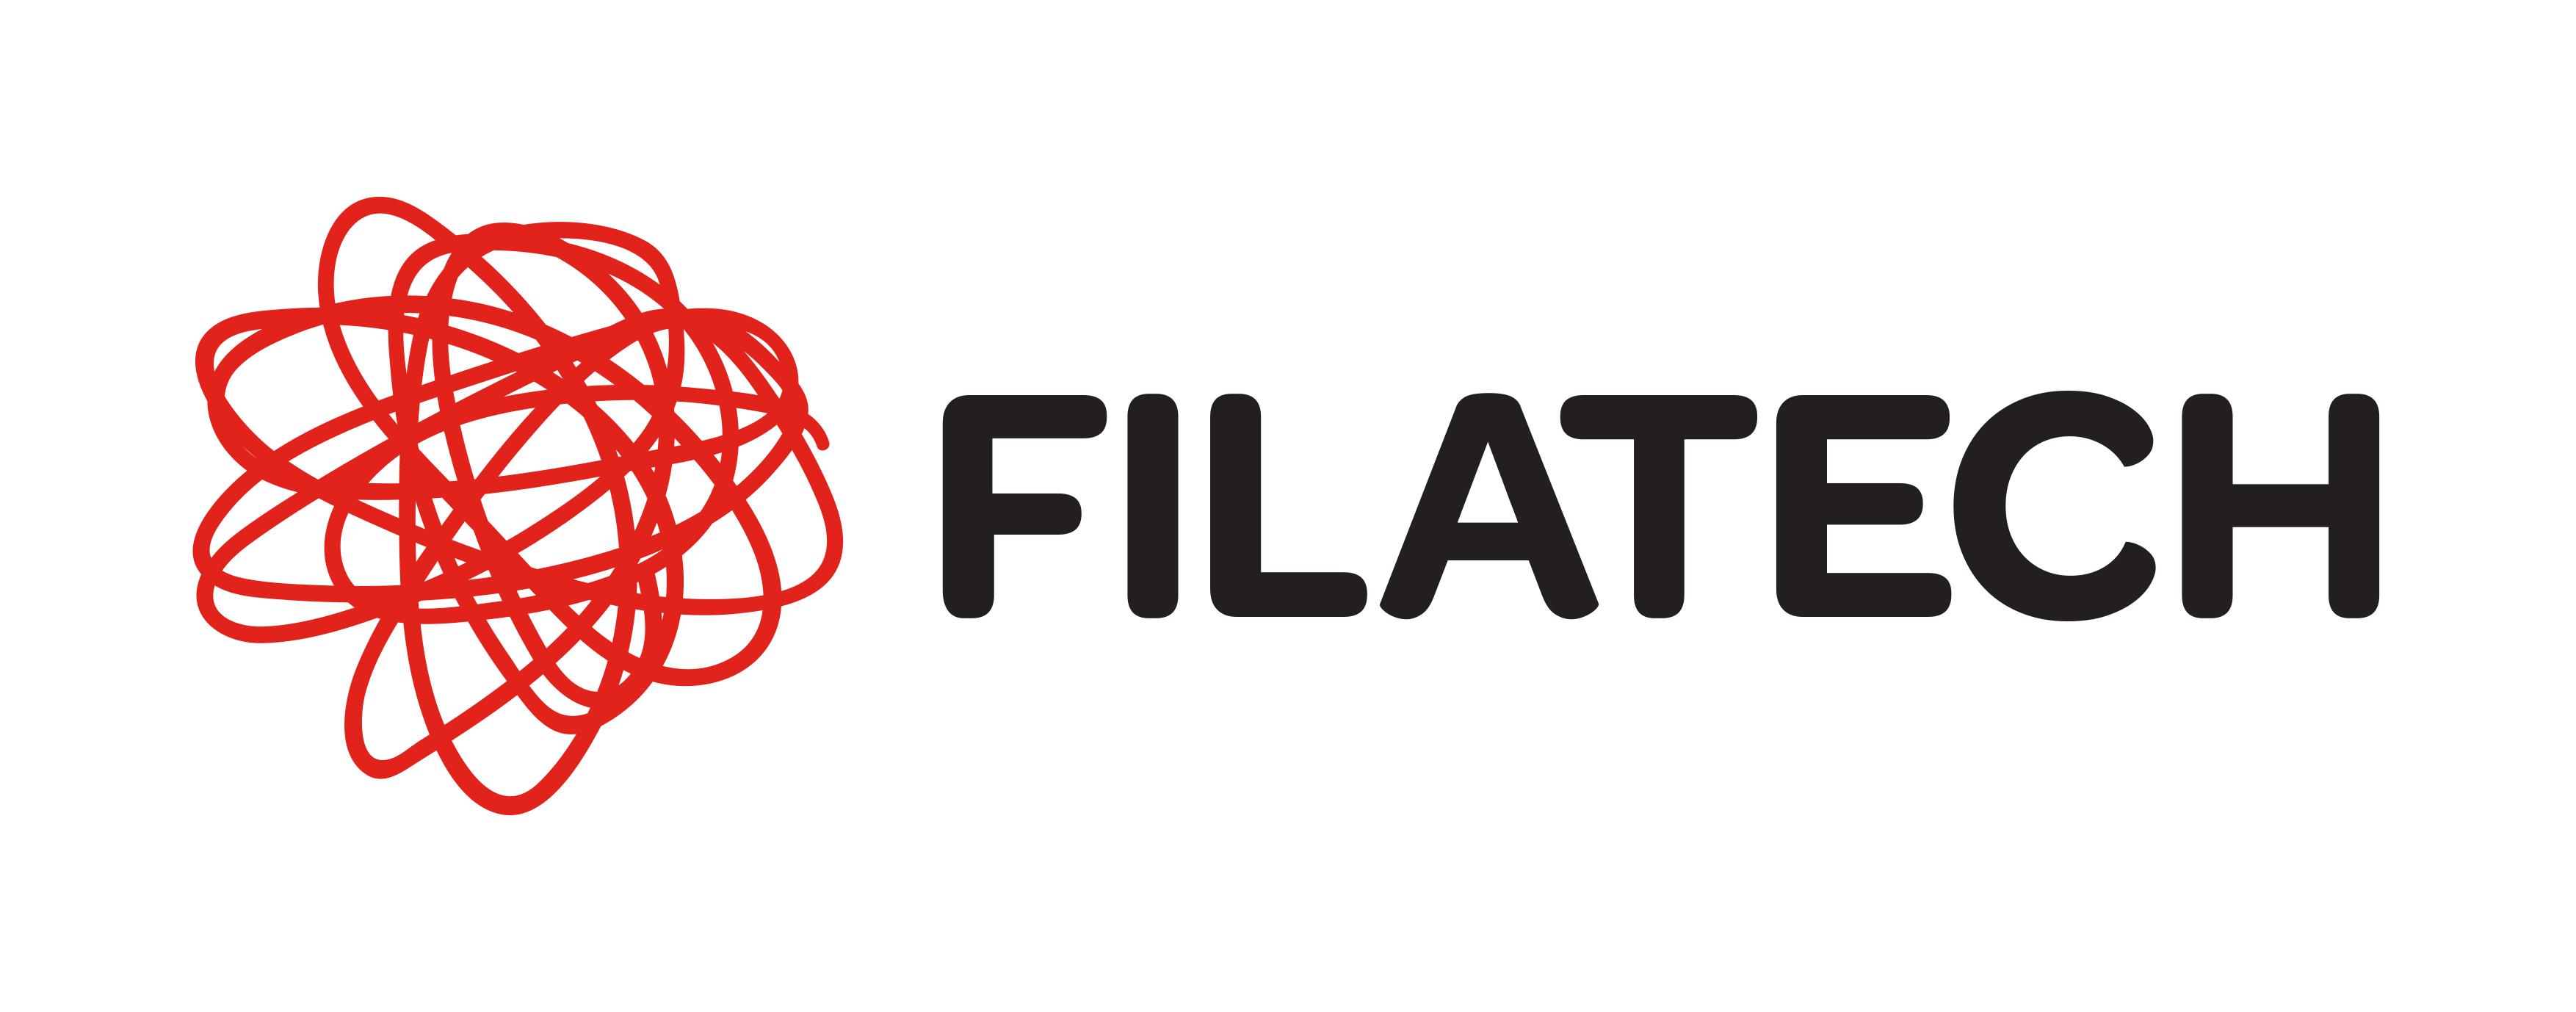 Filatech Filament